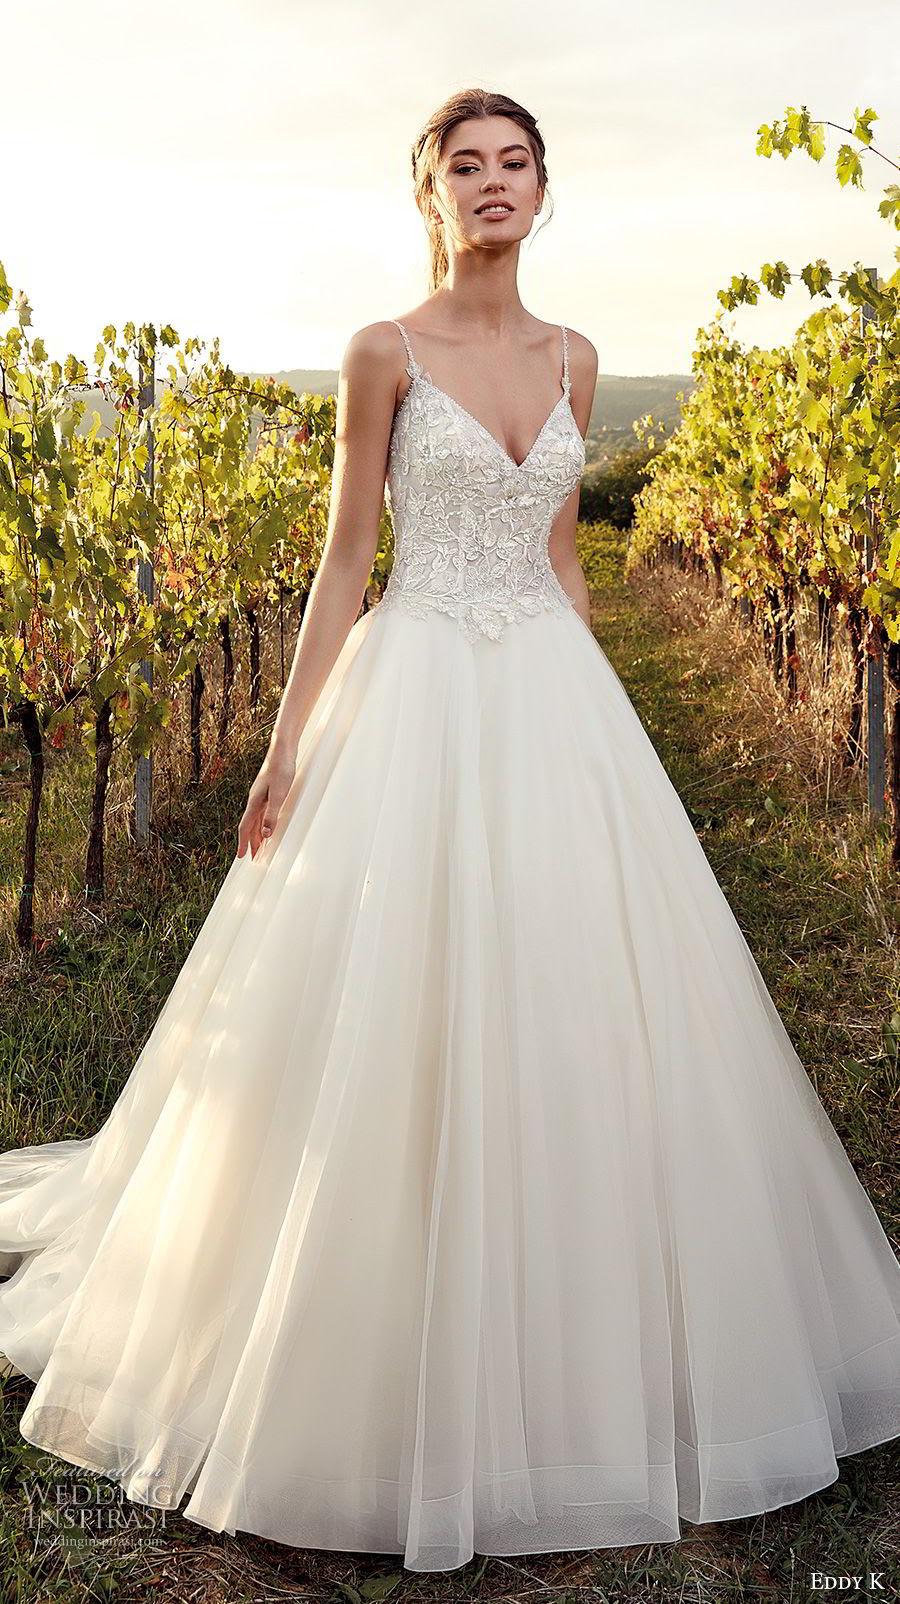 eddy k 2019 wedding dresses  wedding inspirasi